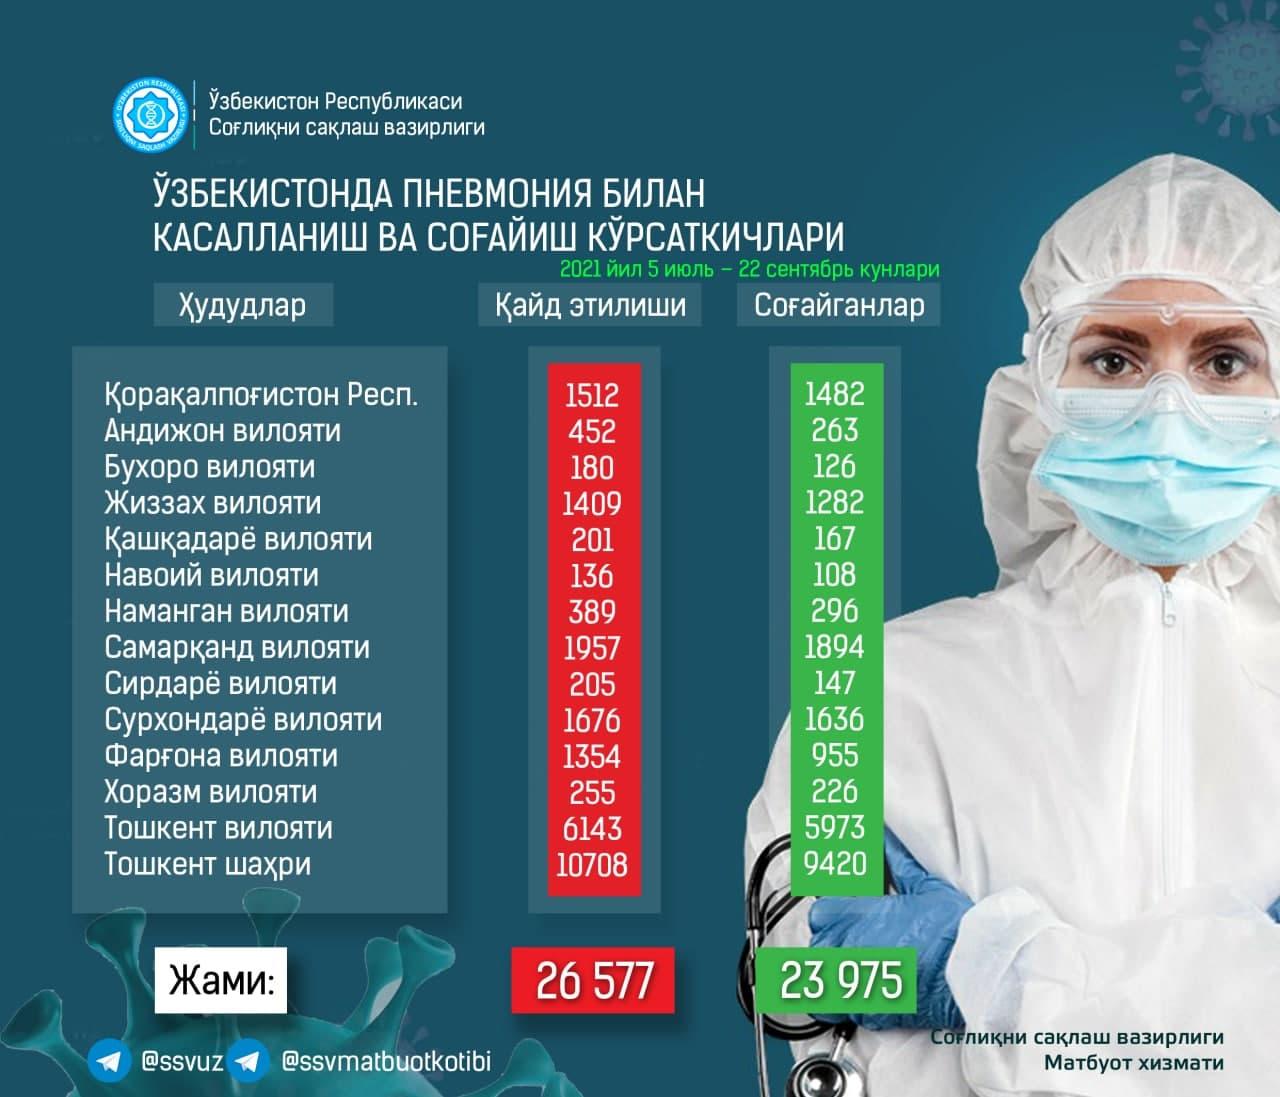 За сутки 422 пациента излечились от пневмонии — статистика